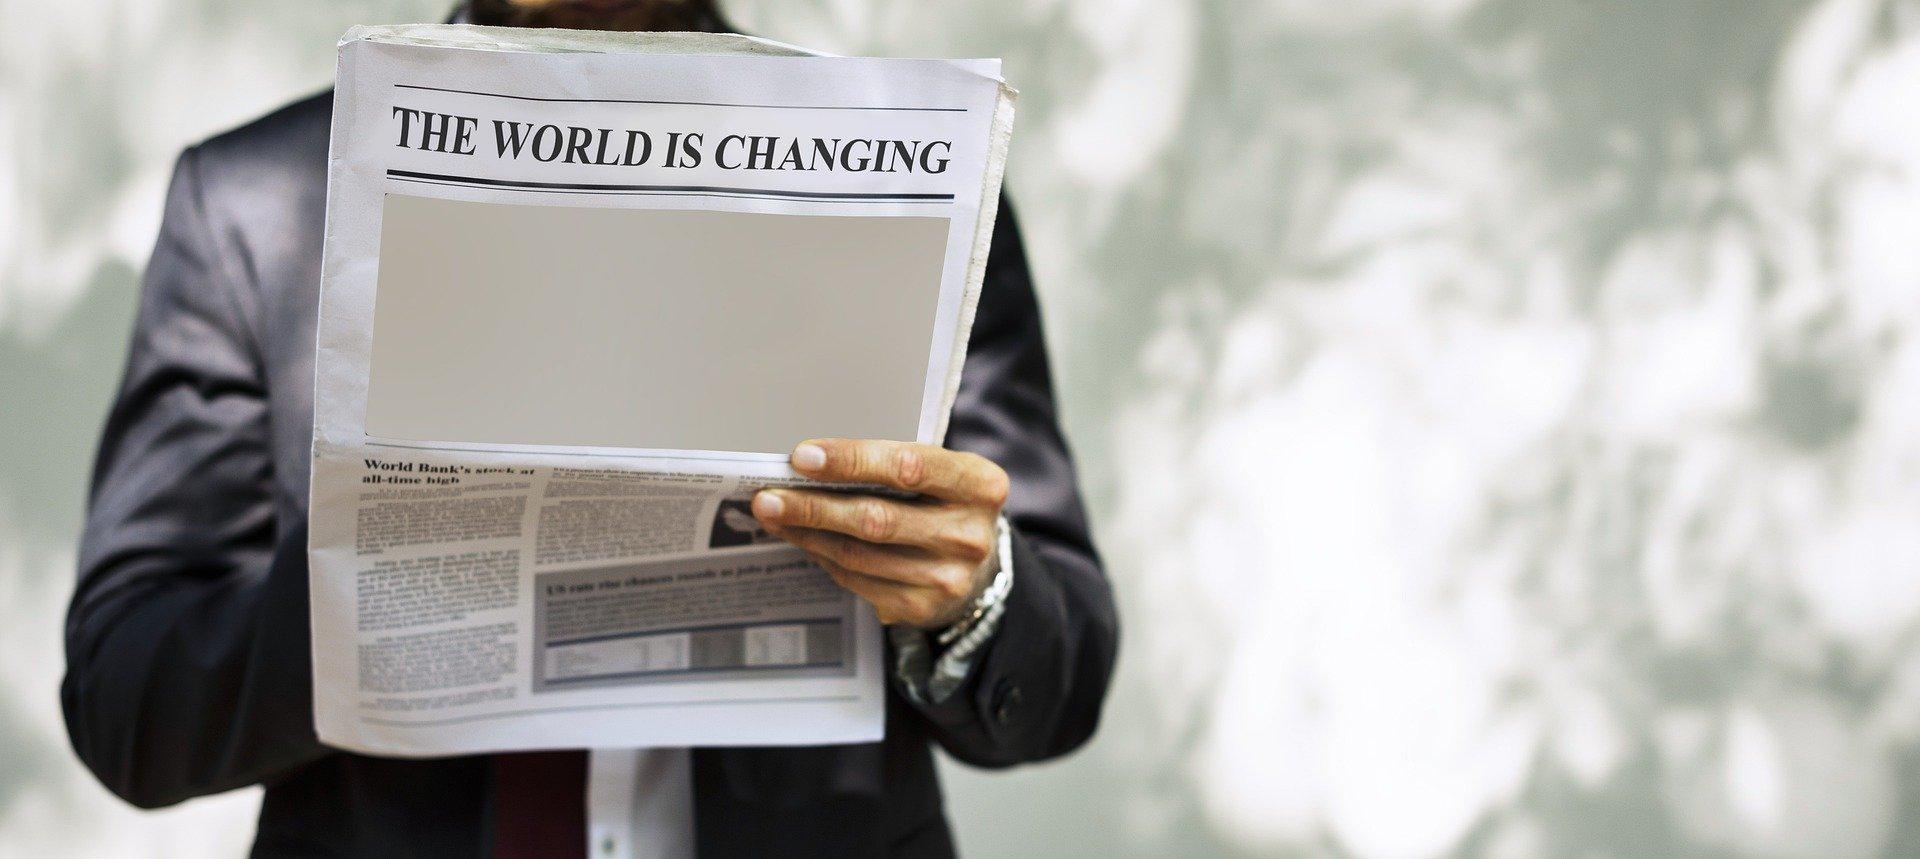 Studi contabili e centri elaborazione: breve analisi per affrontare il cambiamento